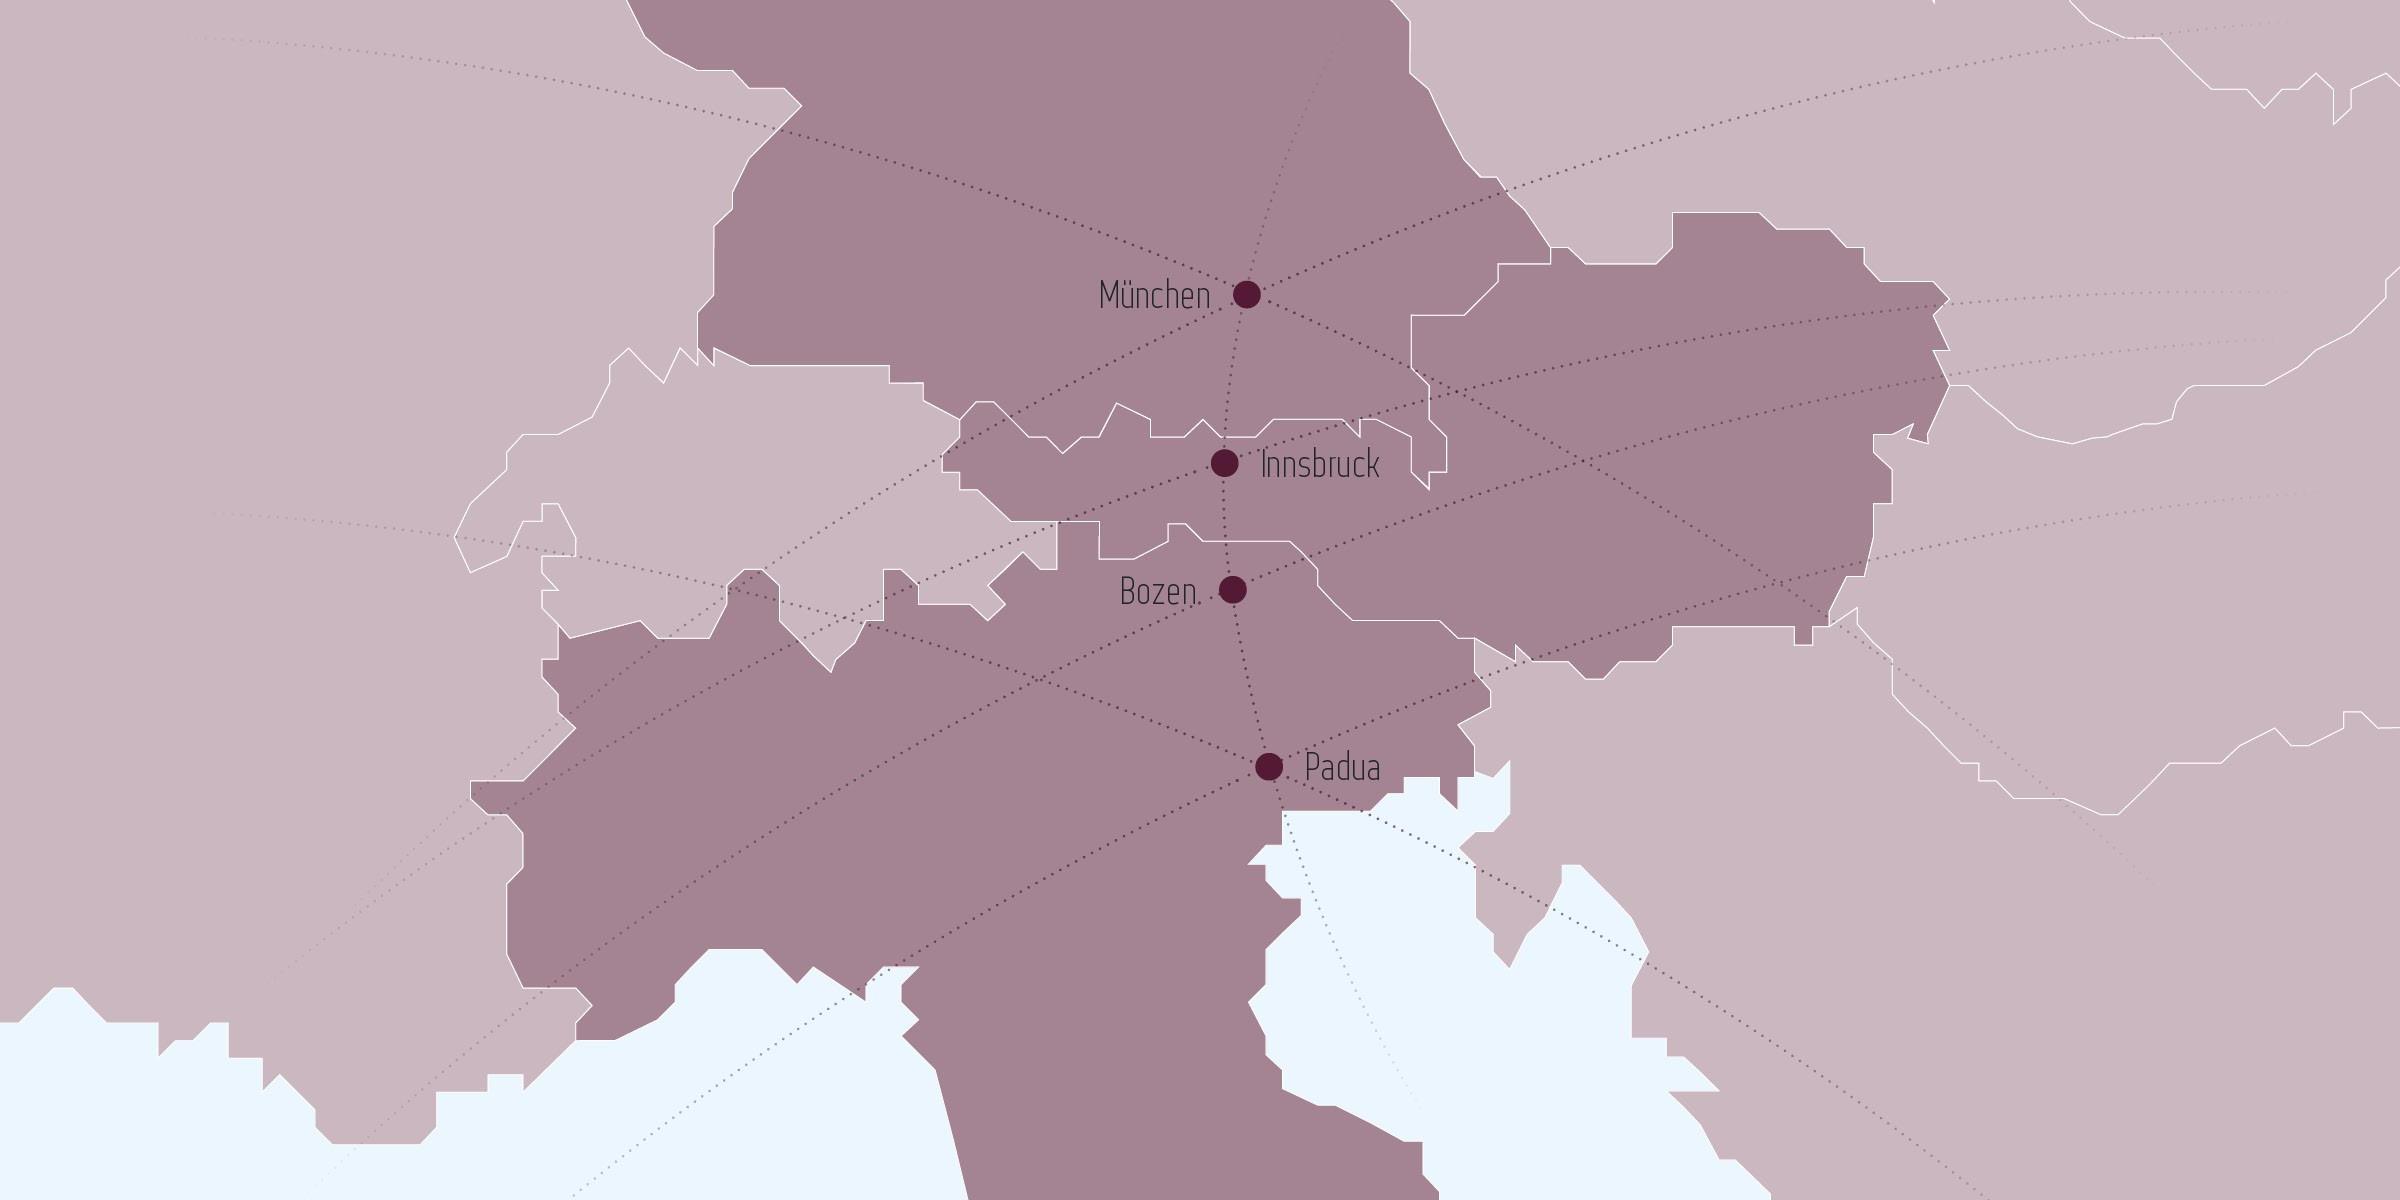 Grafik mit den Standorten der Kanzlei Perathoner & Partner - Wirtschaftsrecht in Italien